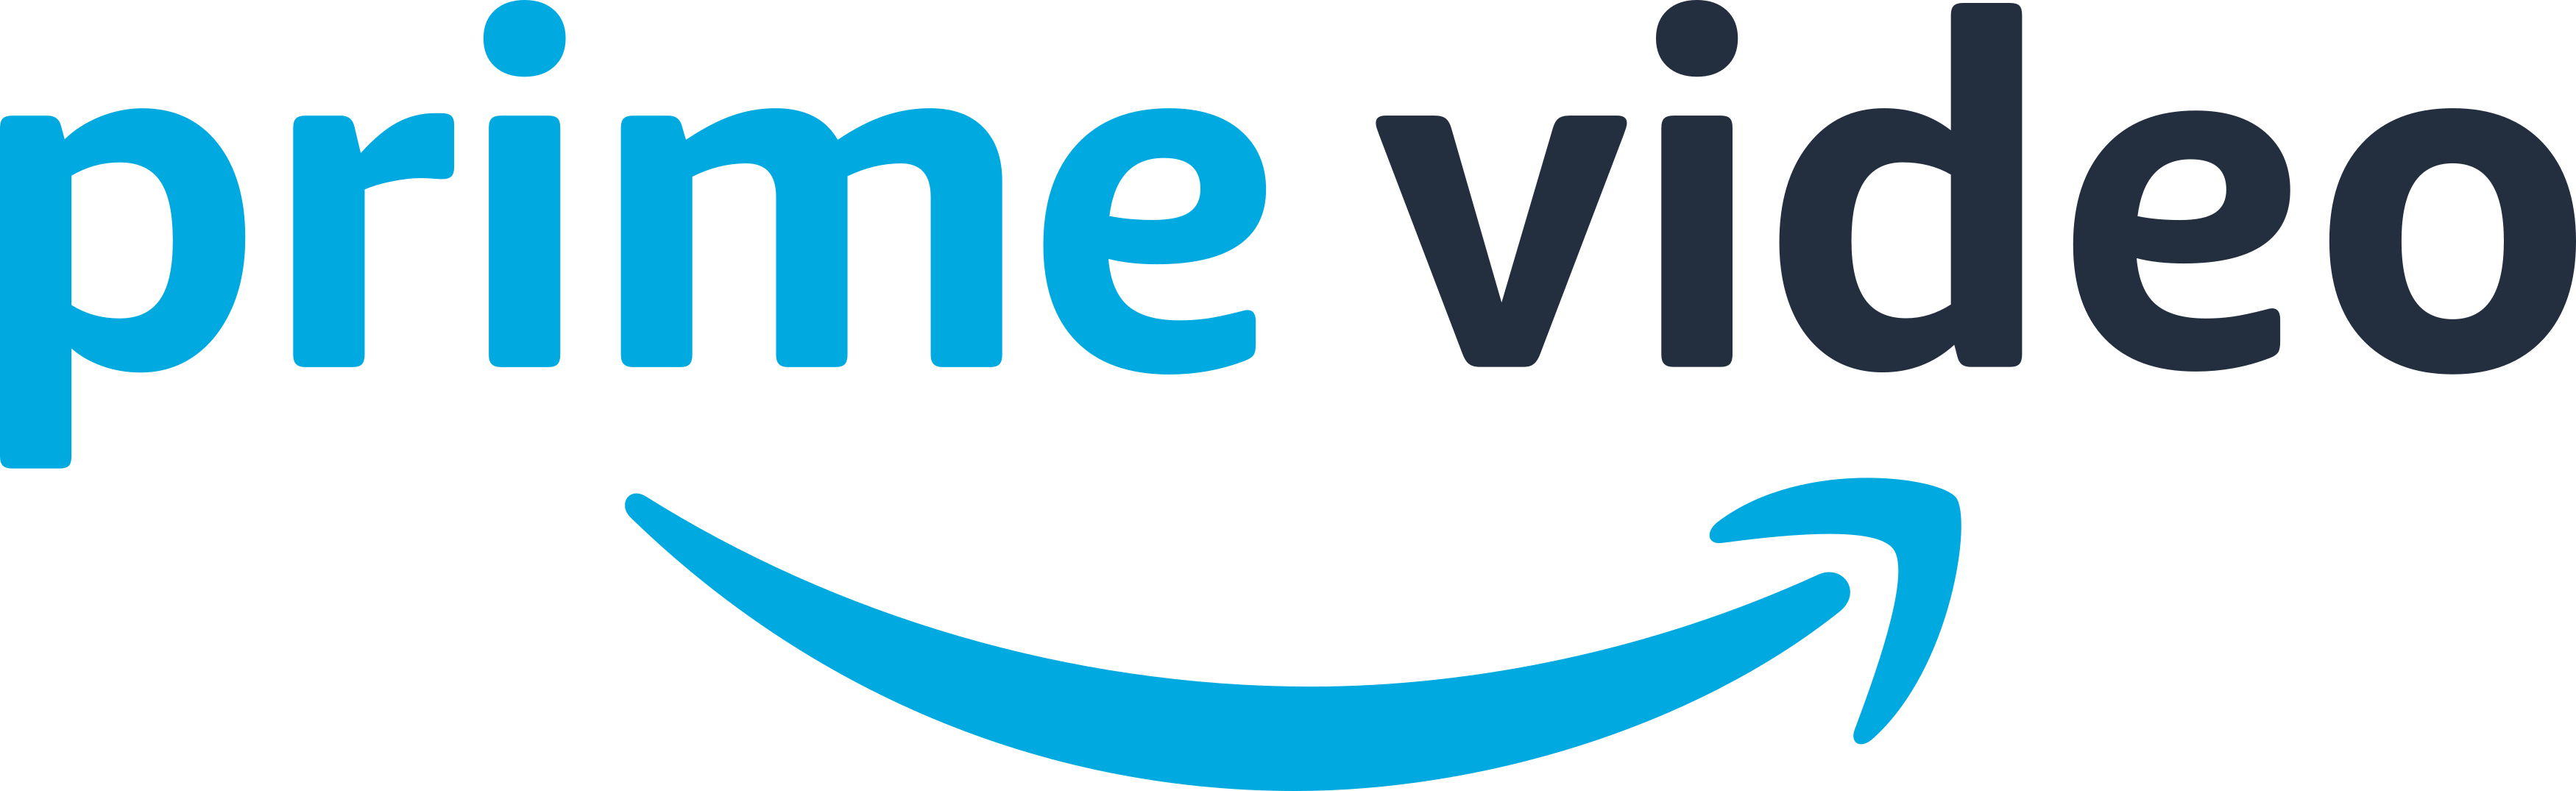 prime video - Prime Video Logo